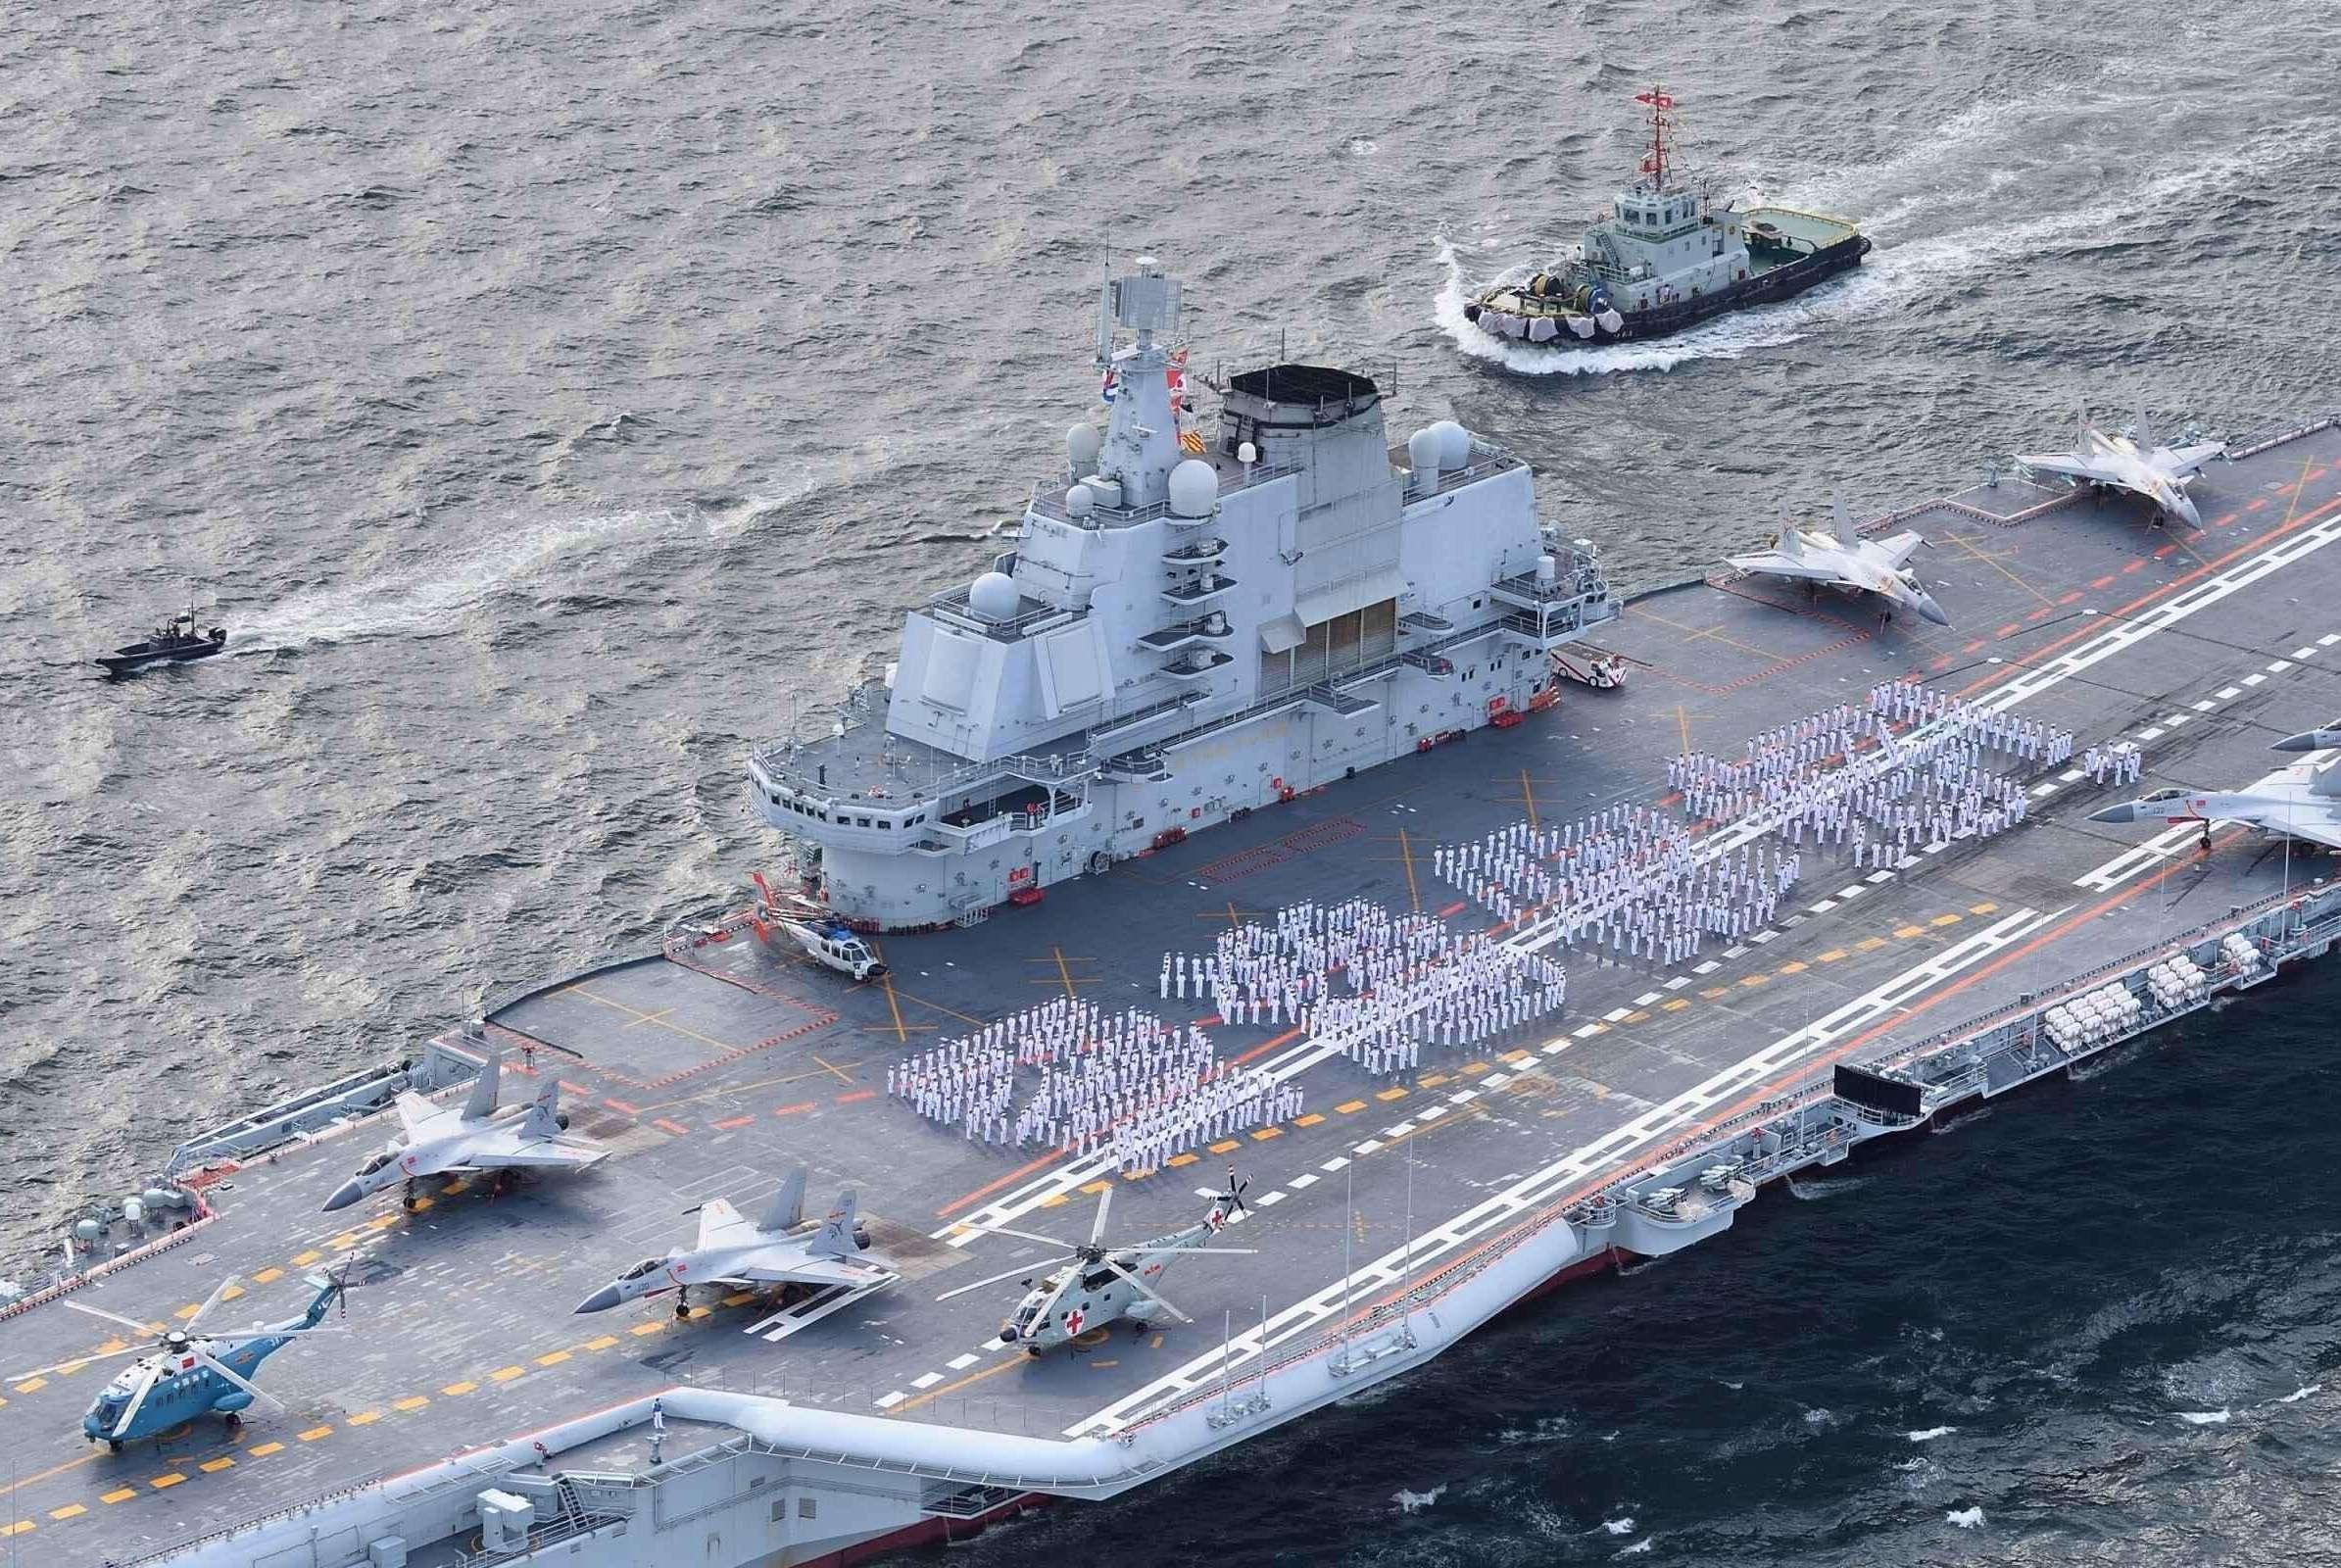 这一天终于到来!002巨舰完成第五次海试,有望赶上海上阅兵